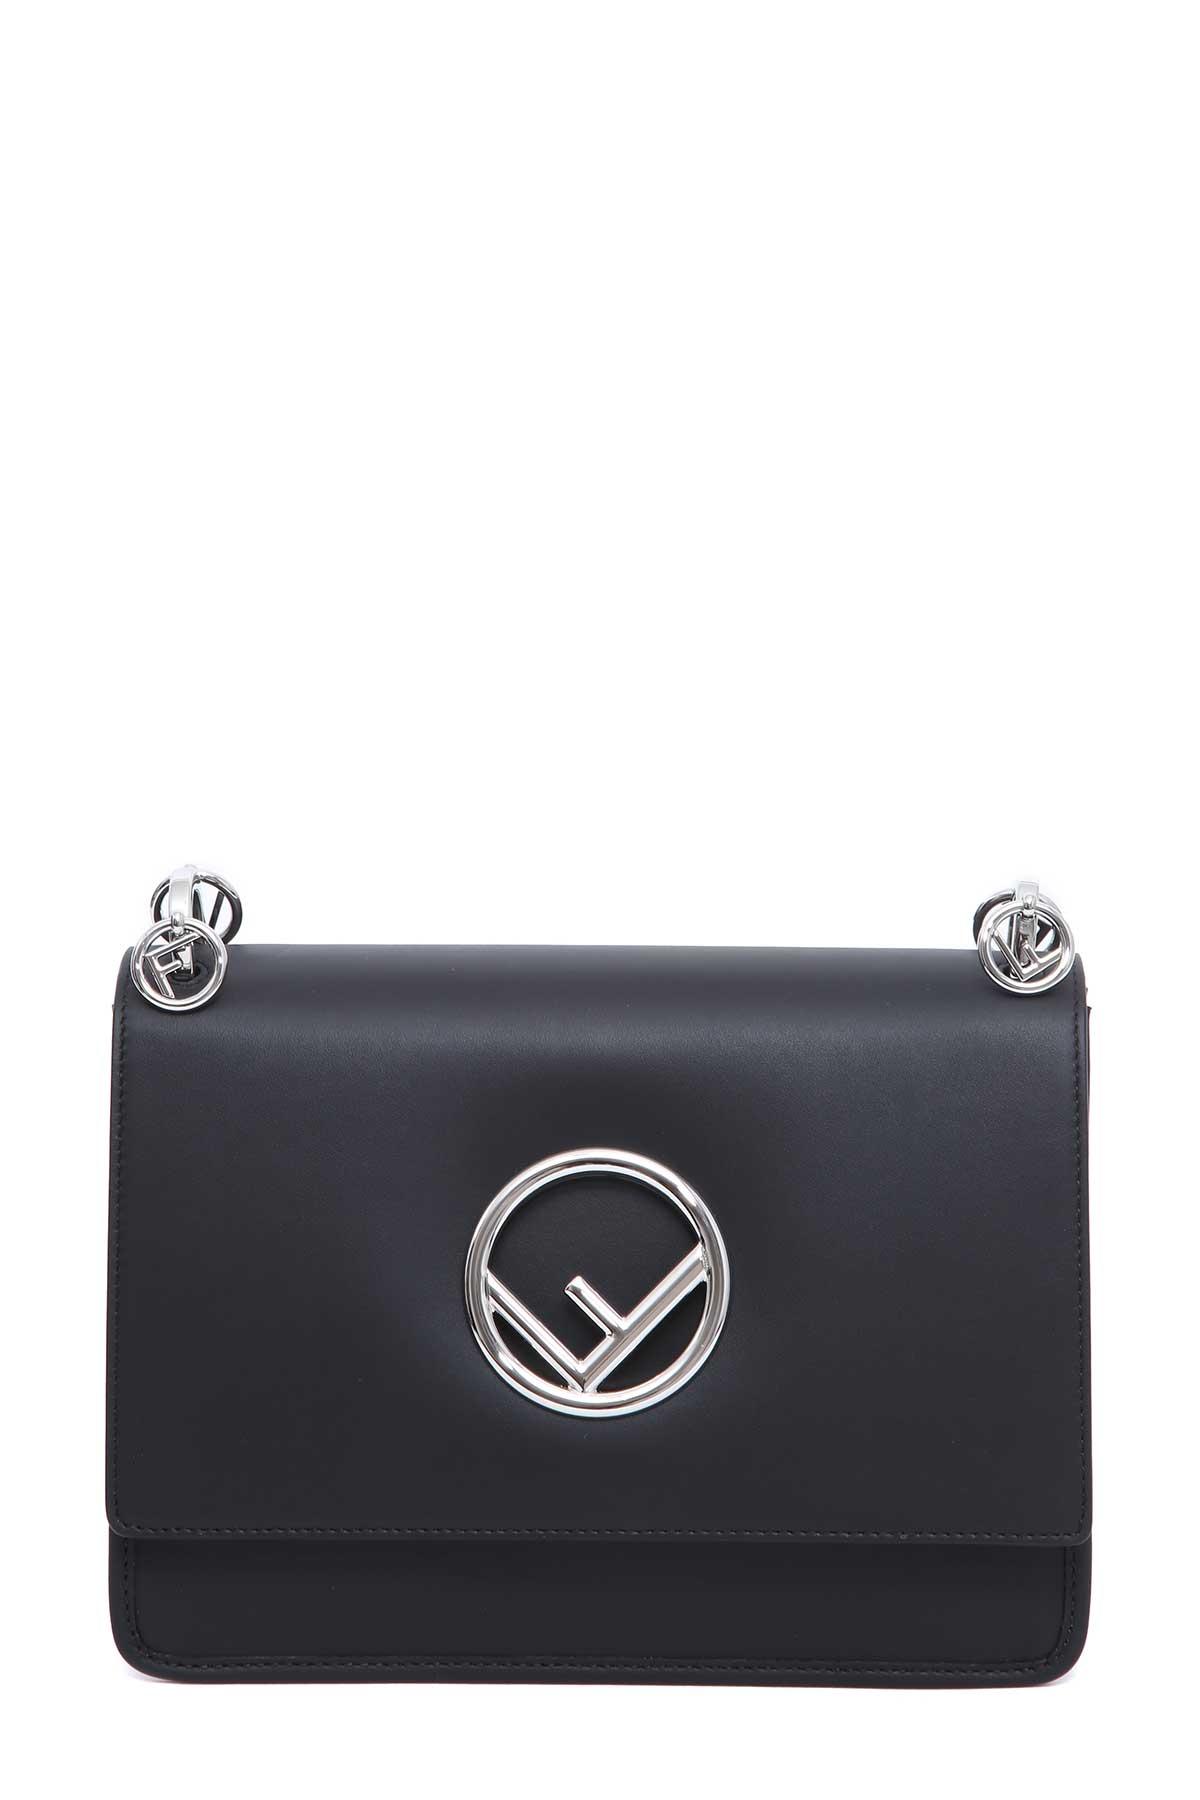 Fendi Fendi kan I F Handbag